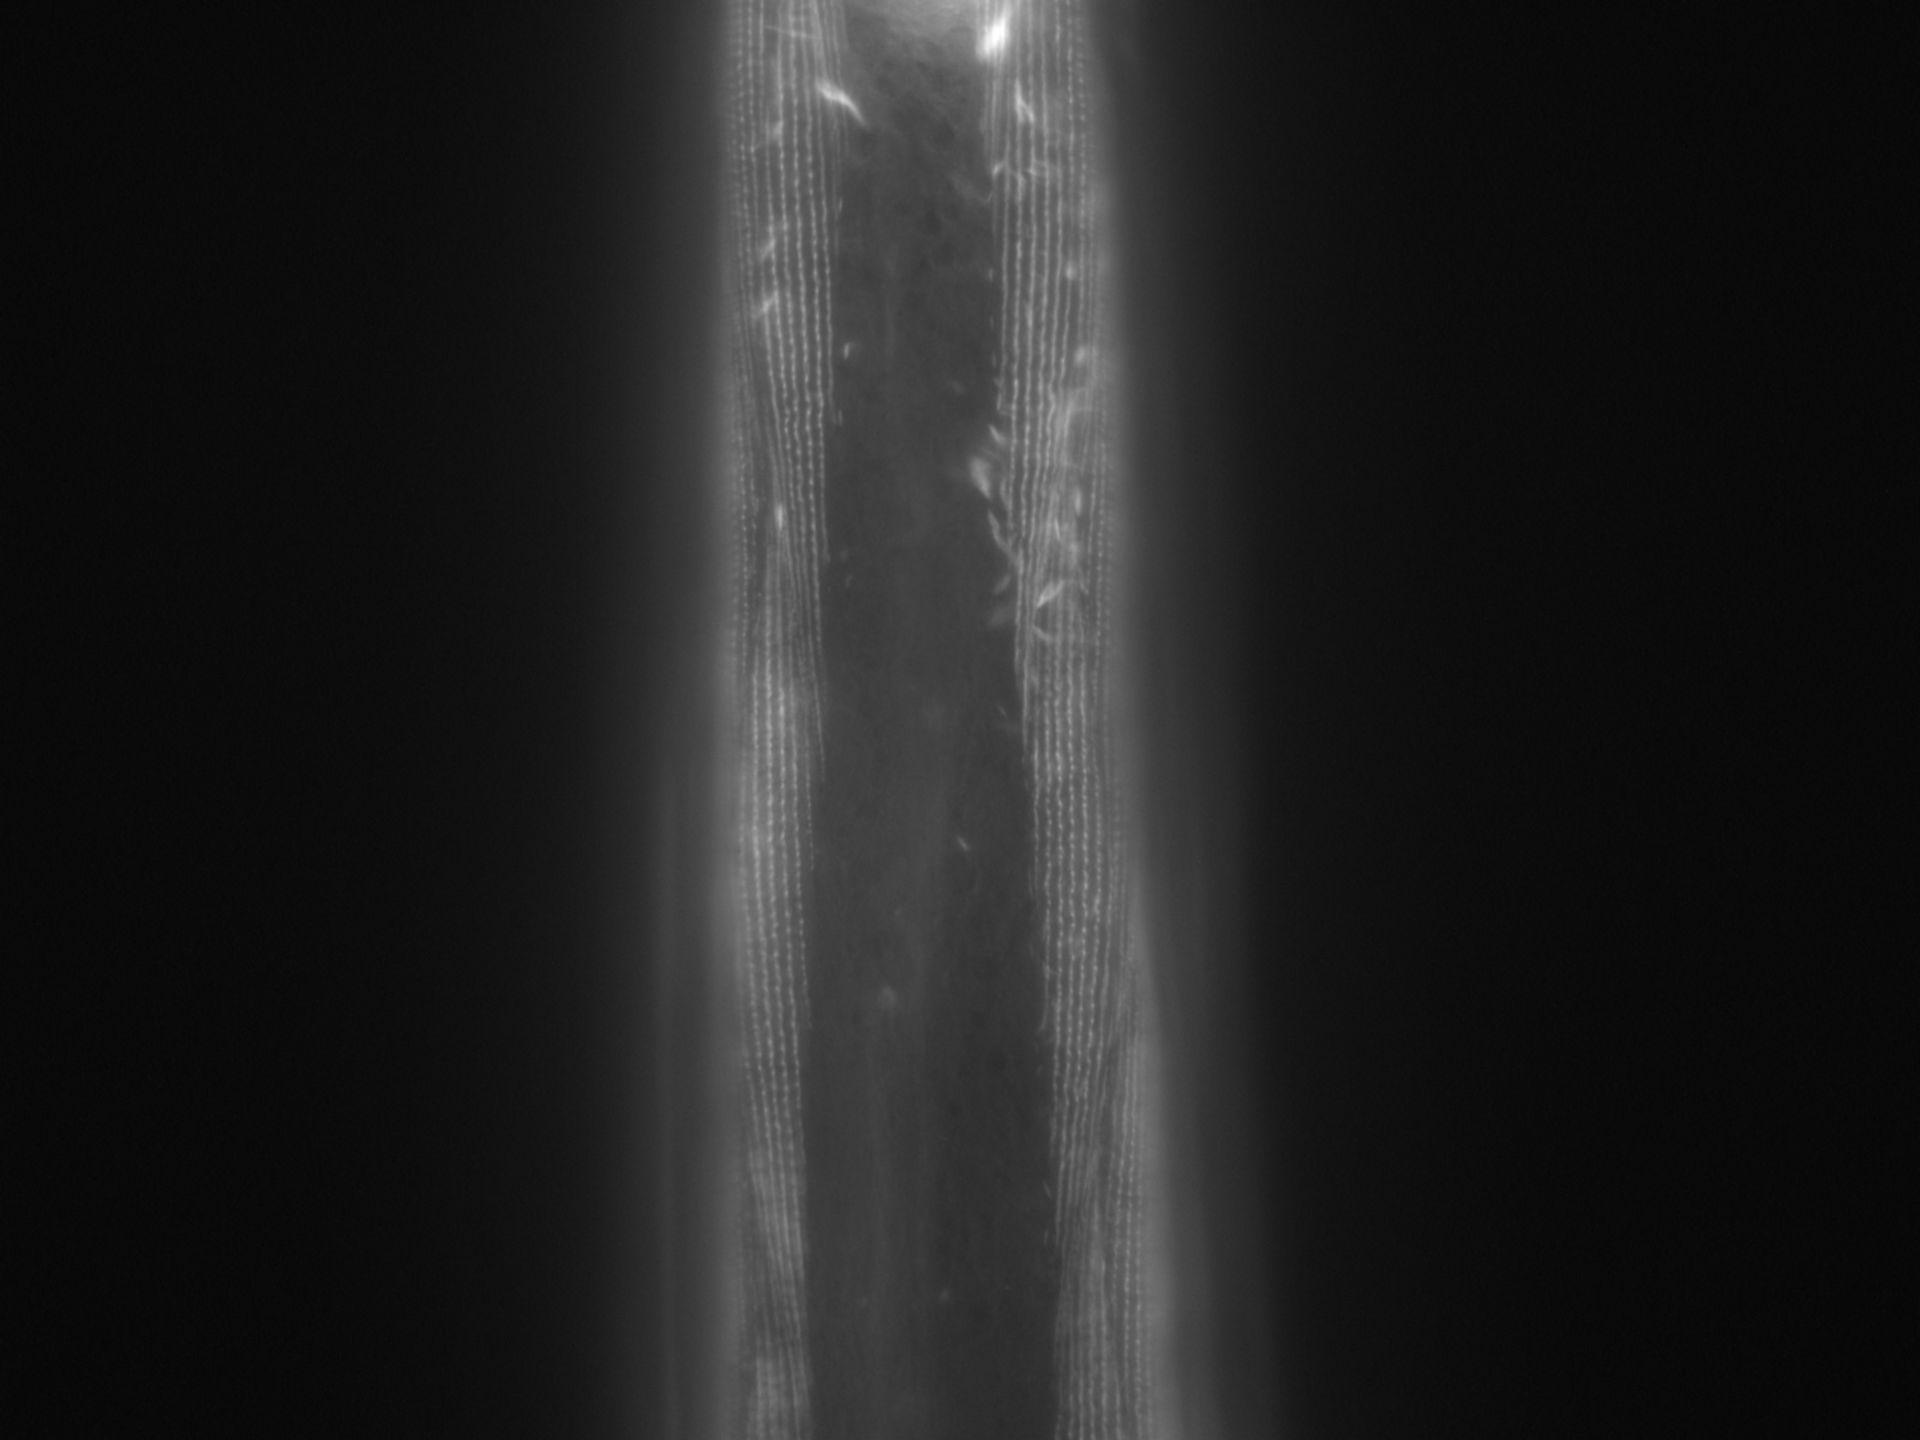 Caenorhabditis elegans (Actin filament) - CIL:1005